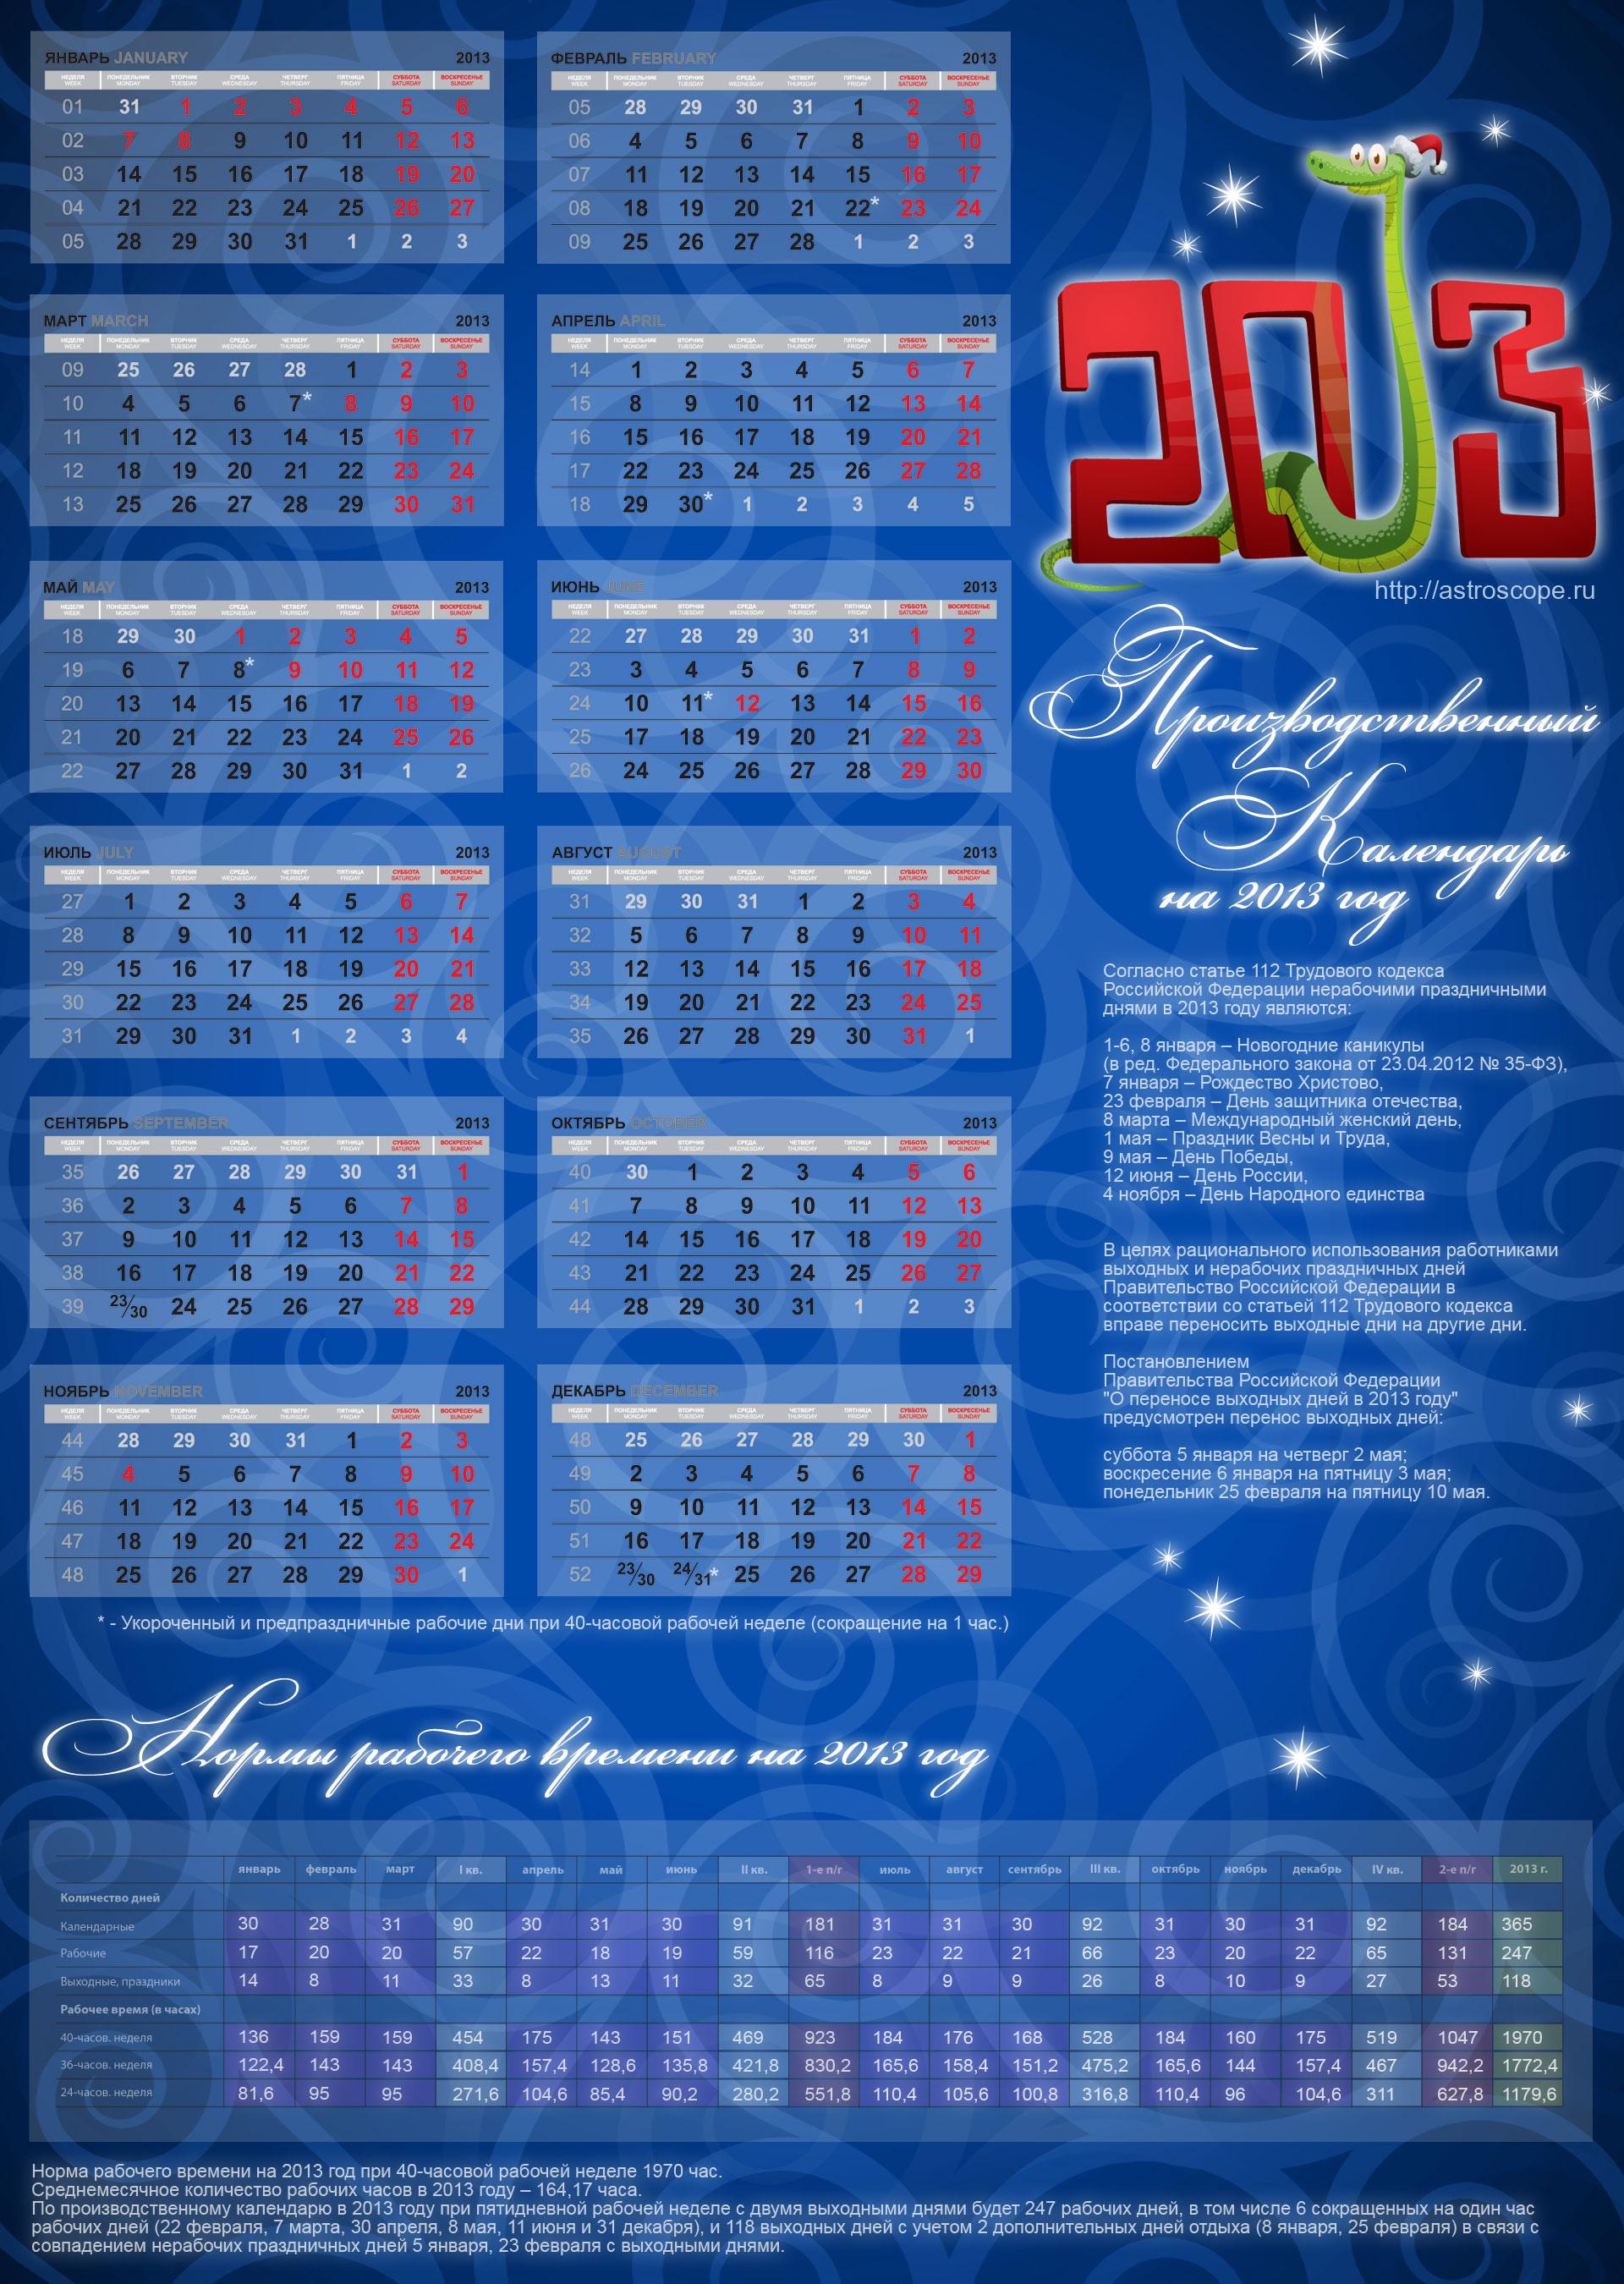 Производственный календарь на 2013 год